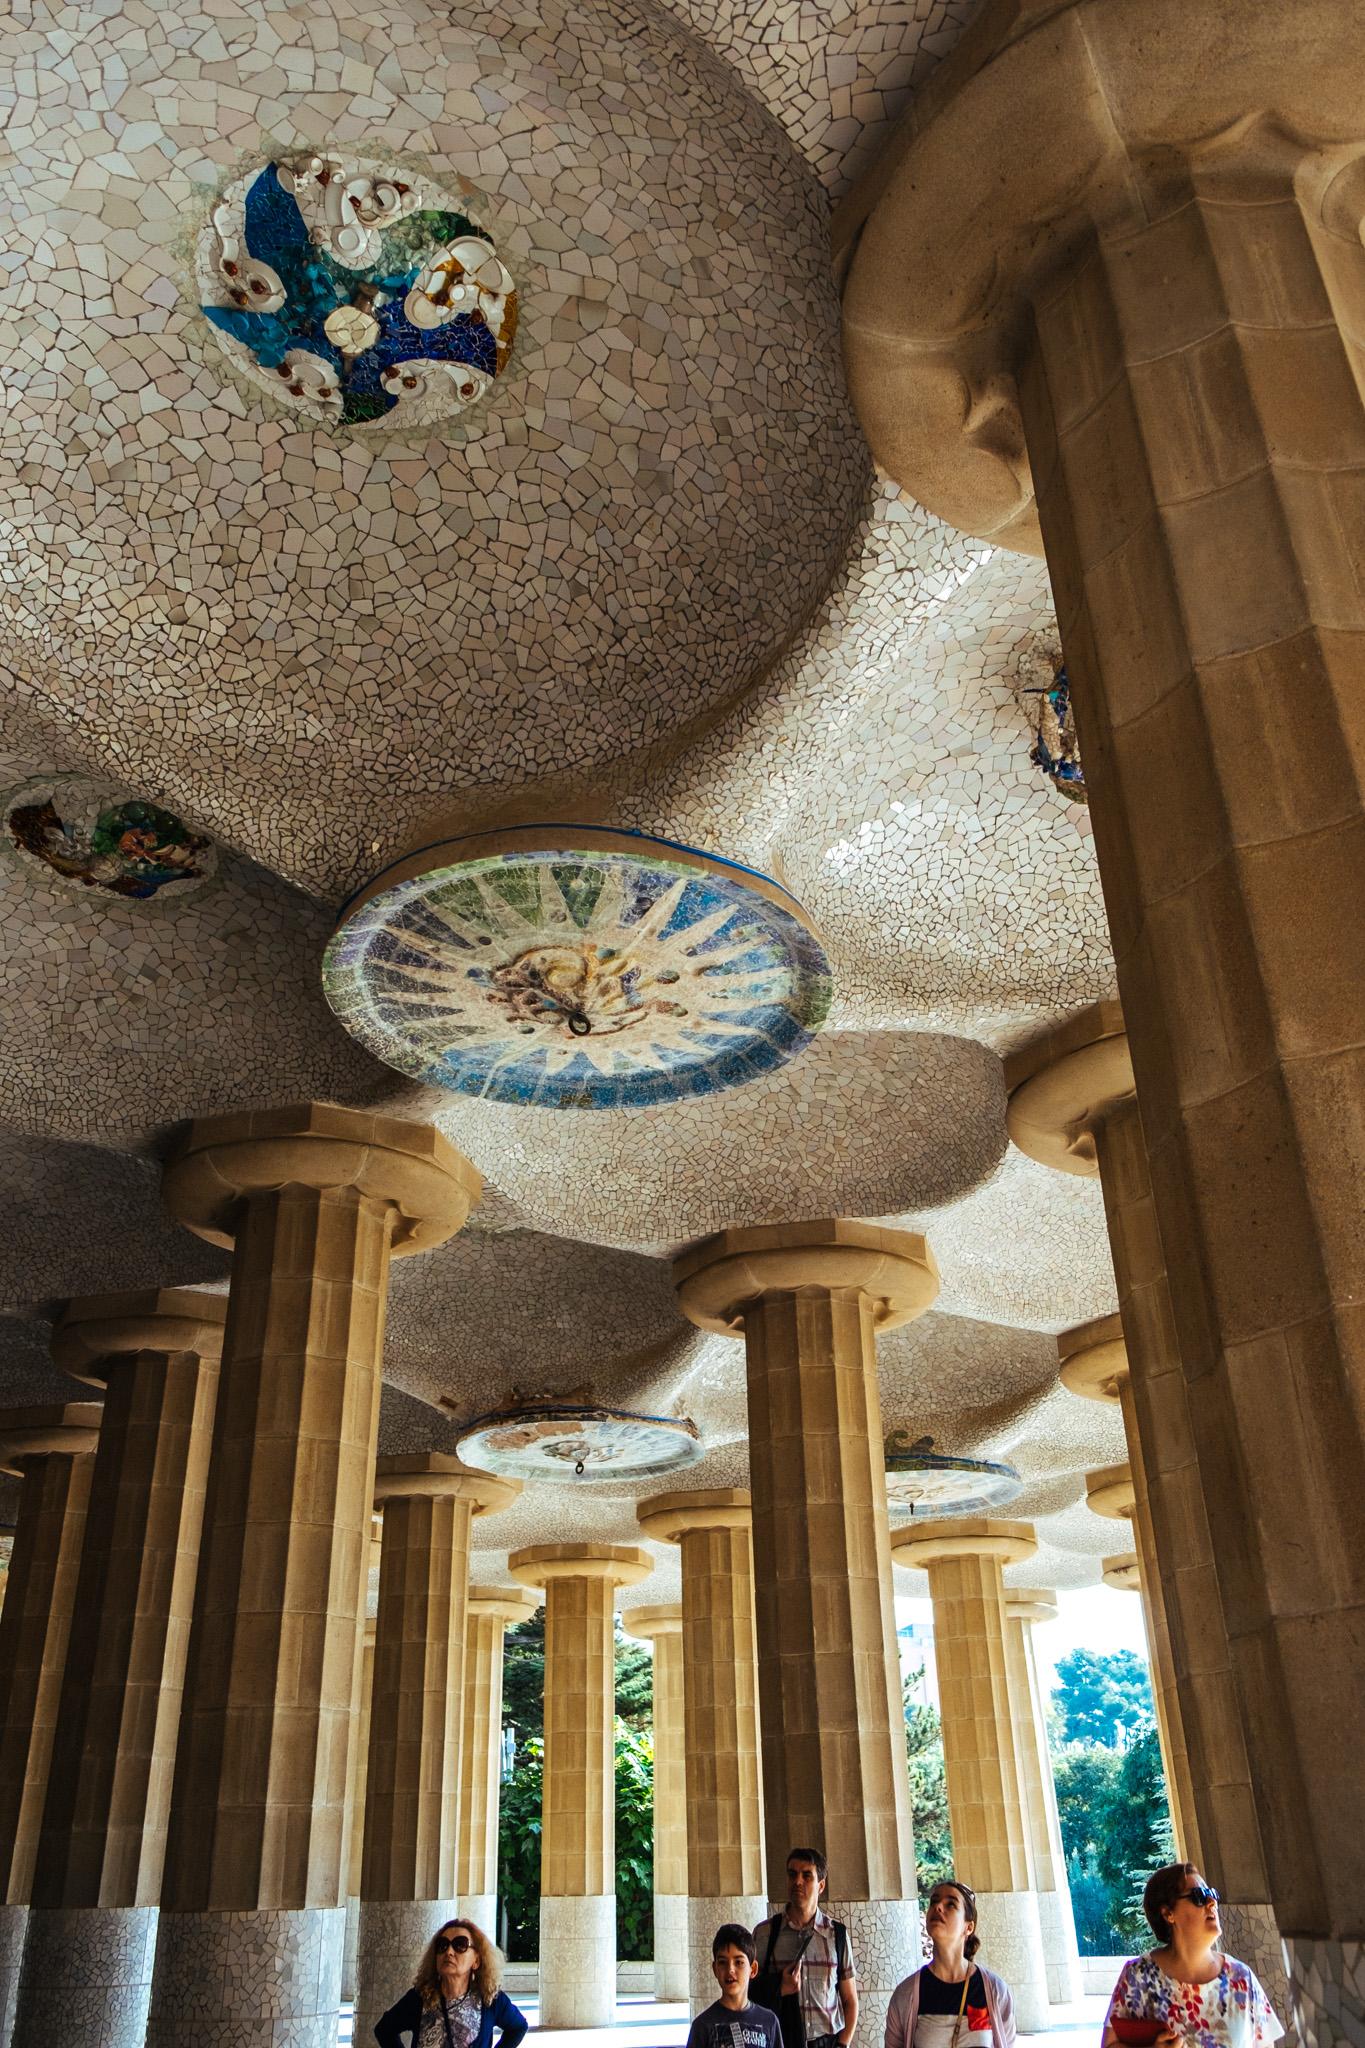 Park Güell - with its distinctive Gaudí signature look.